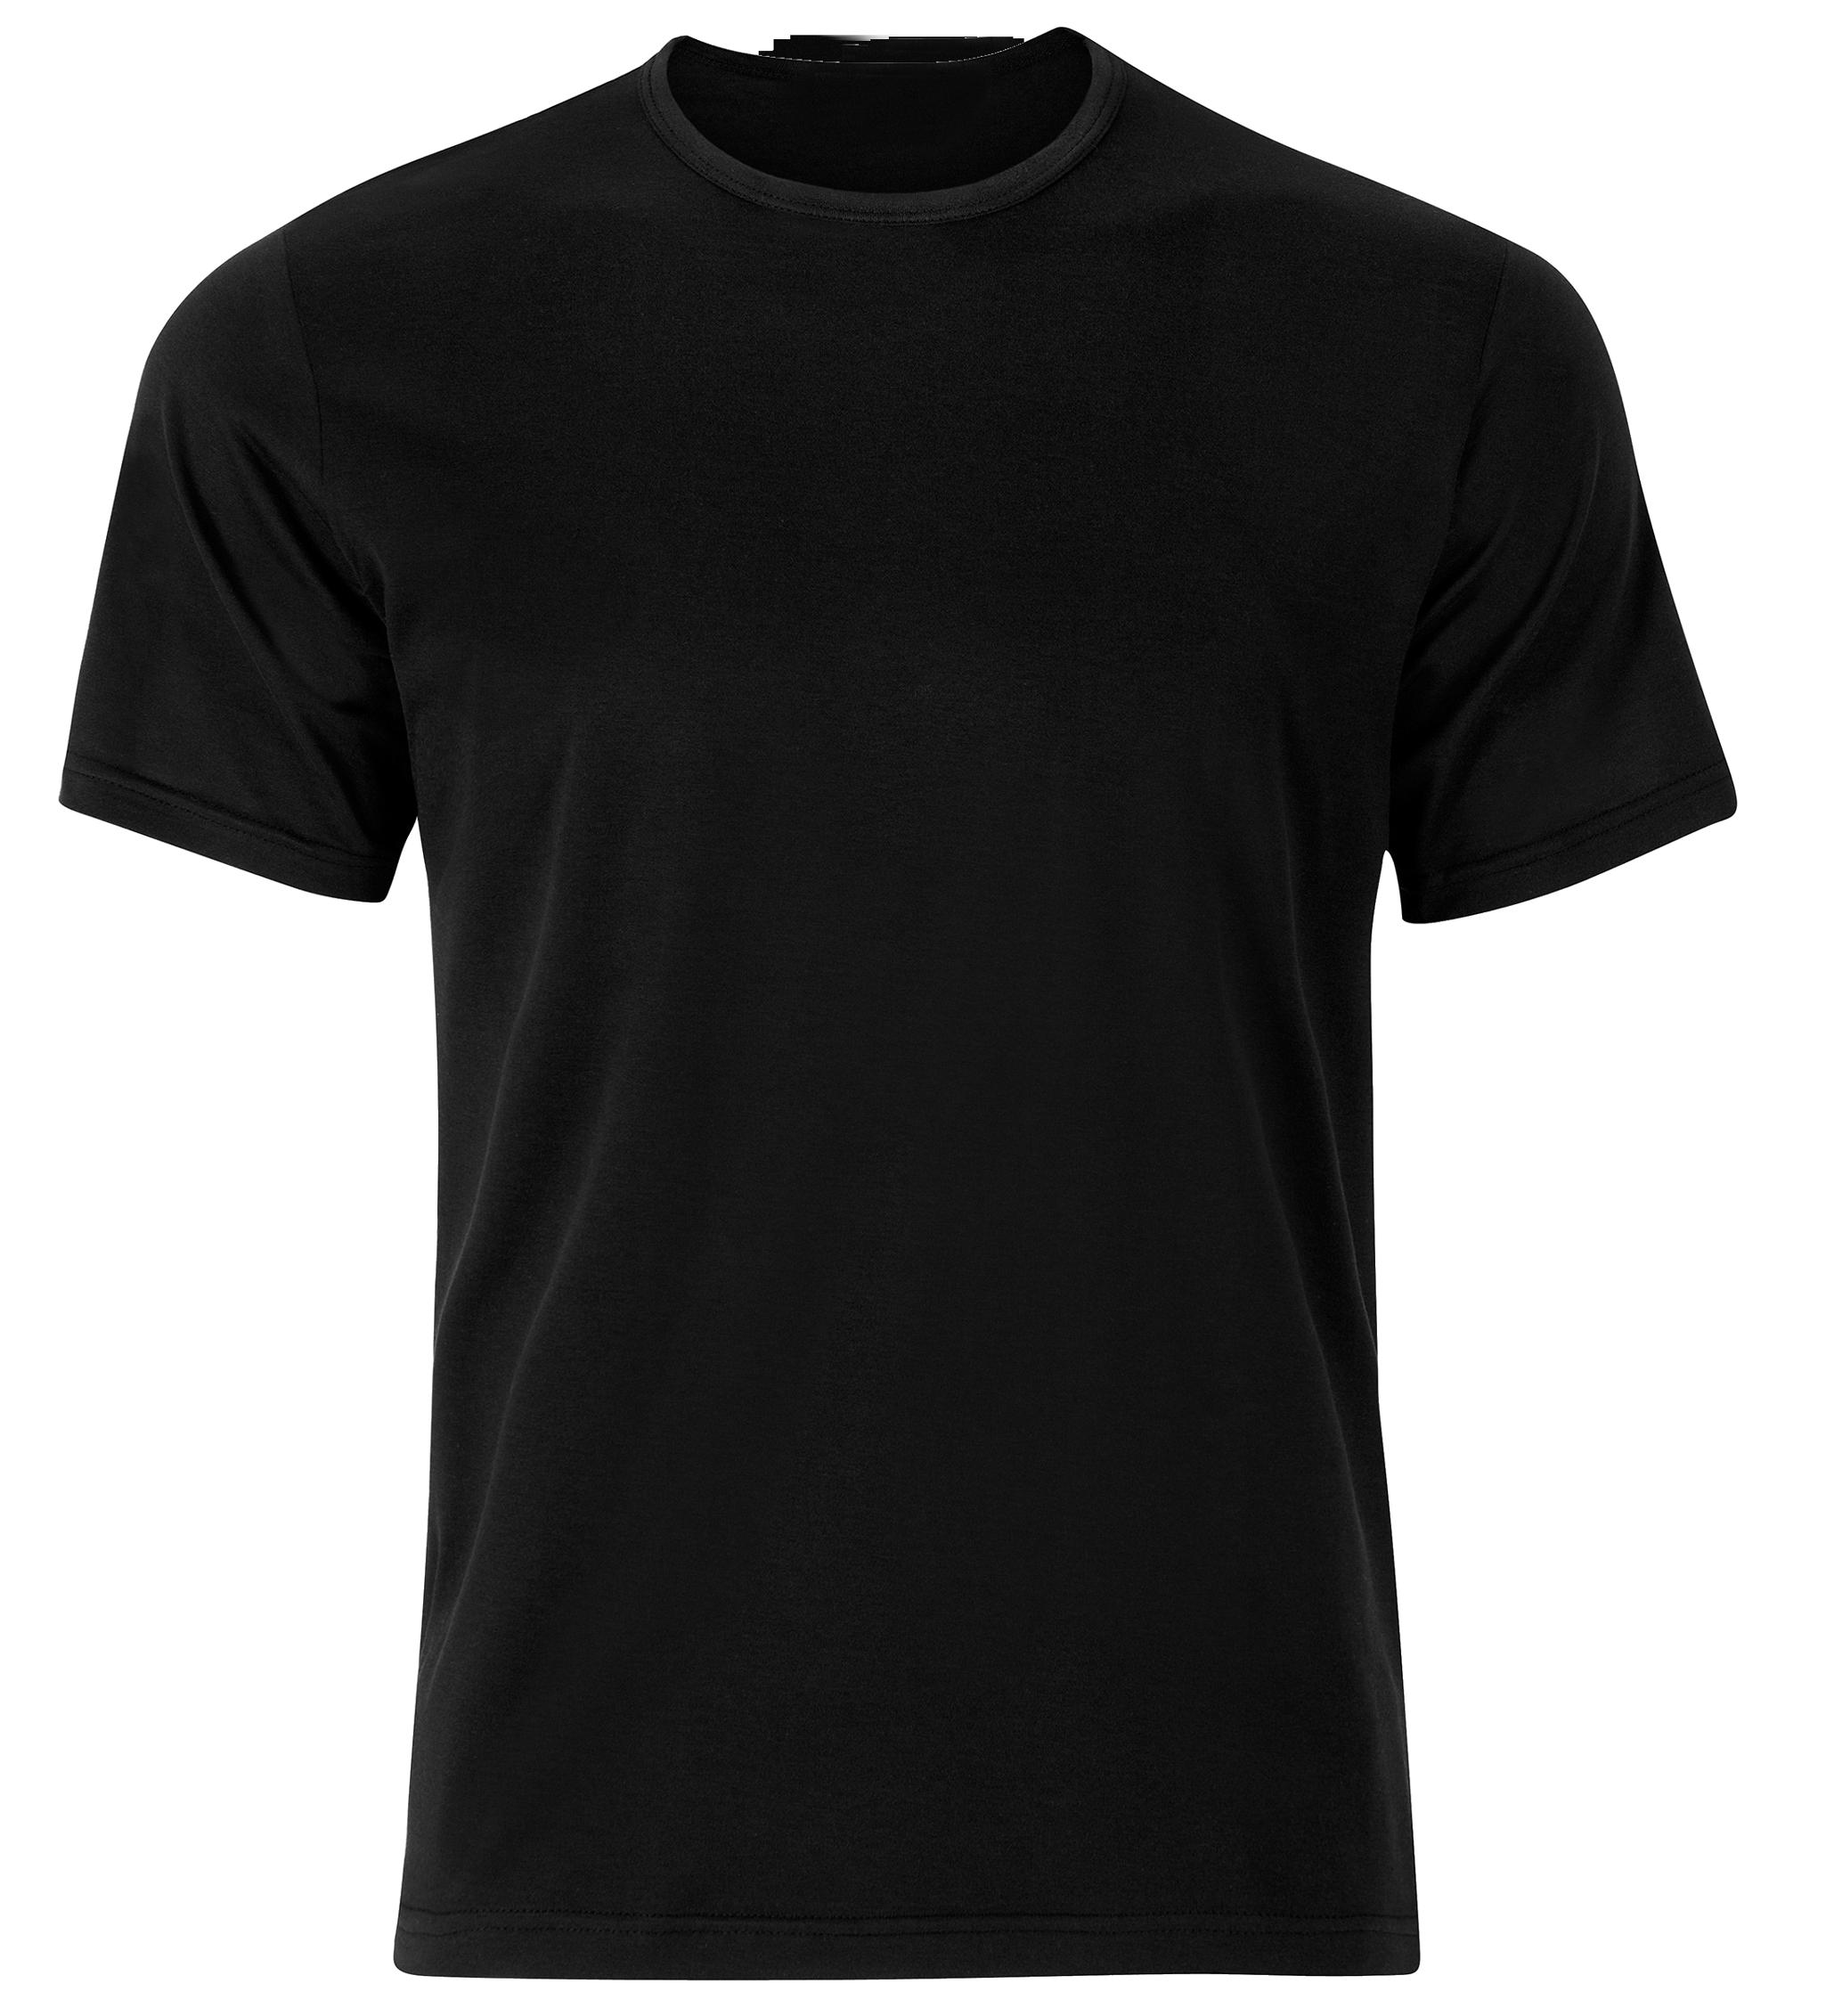 Tshirt PNG - 13330